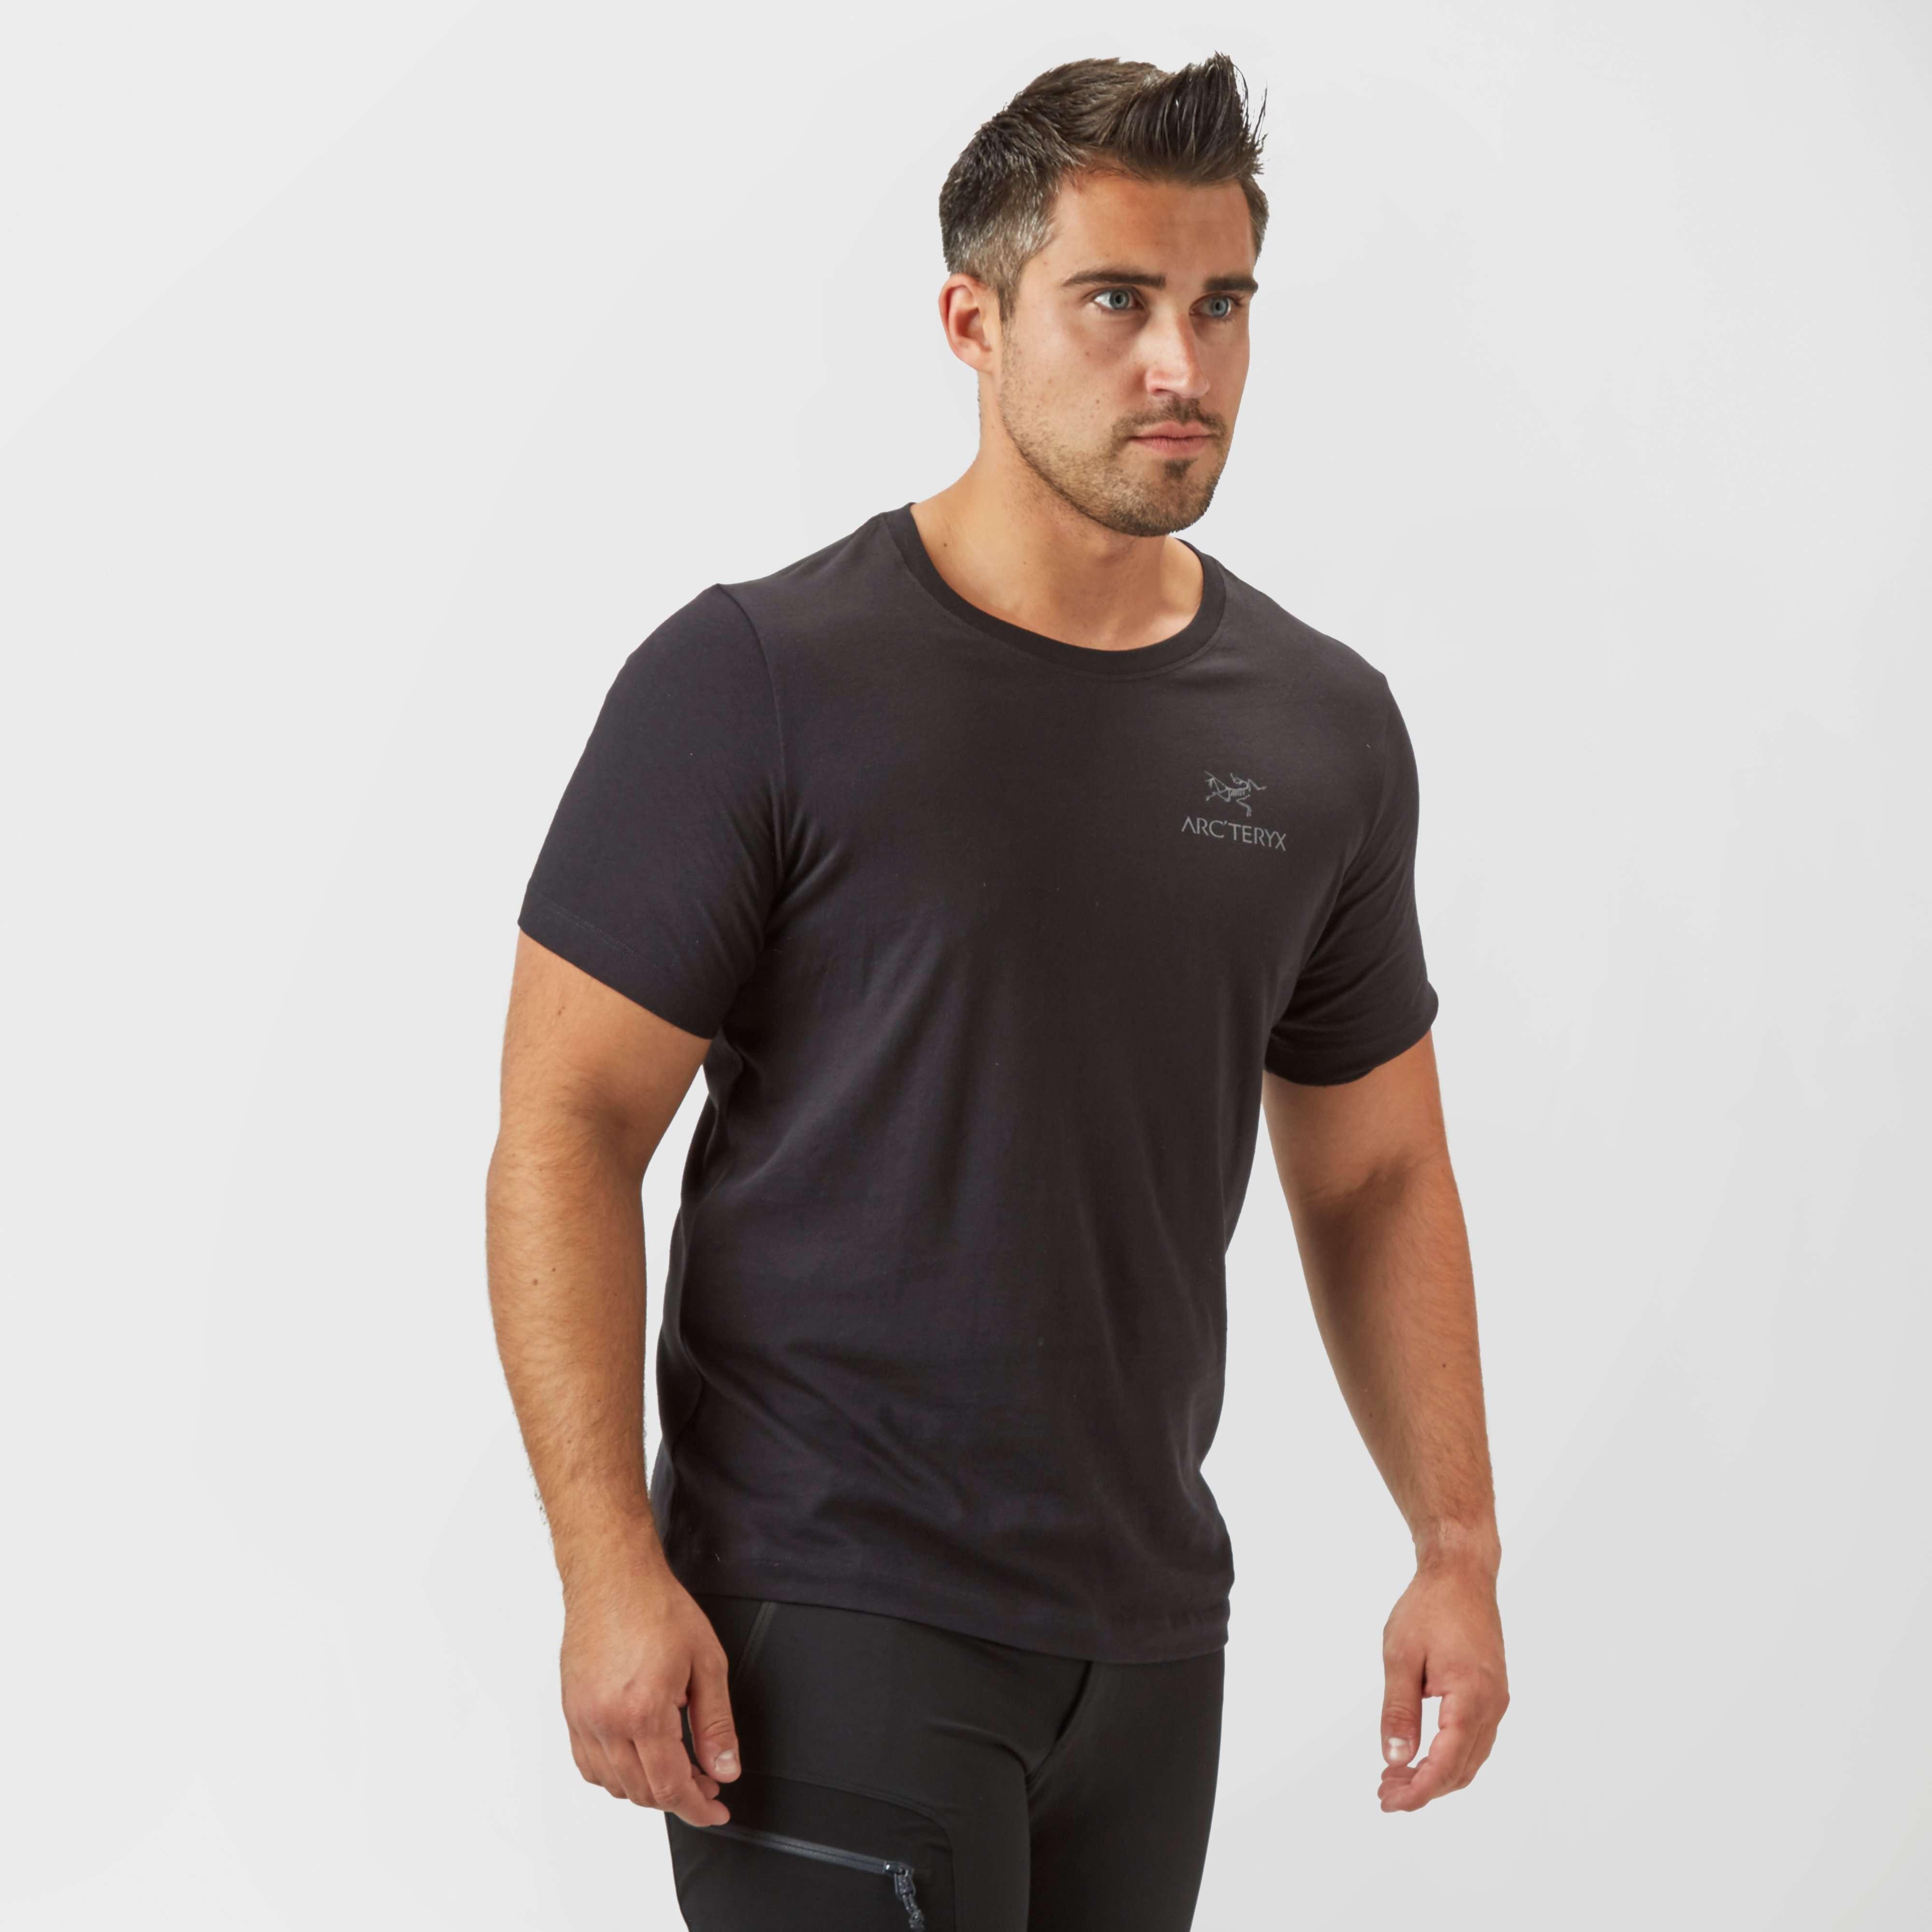 ARC'TERYX Men's Emblem Short Sleeve T-Shirt